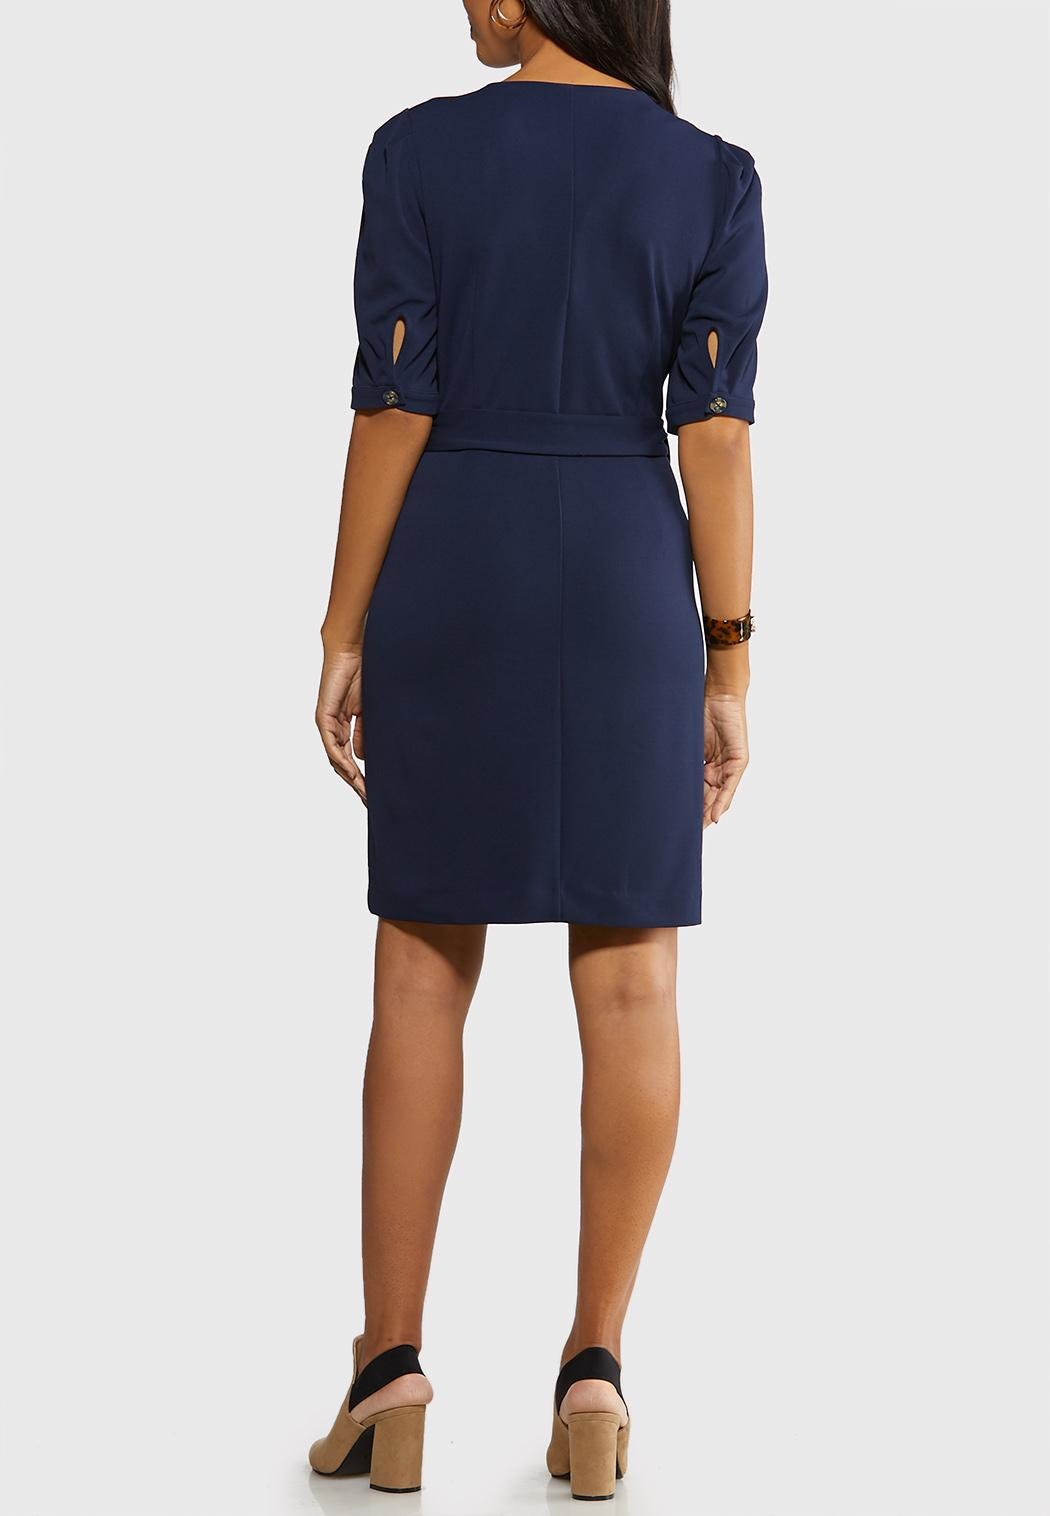 Navy Tie Front Dress (Item #44089691)